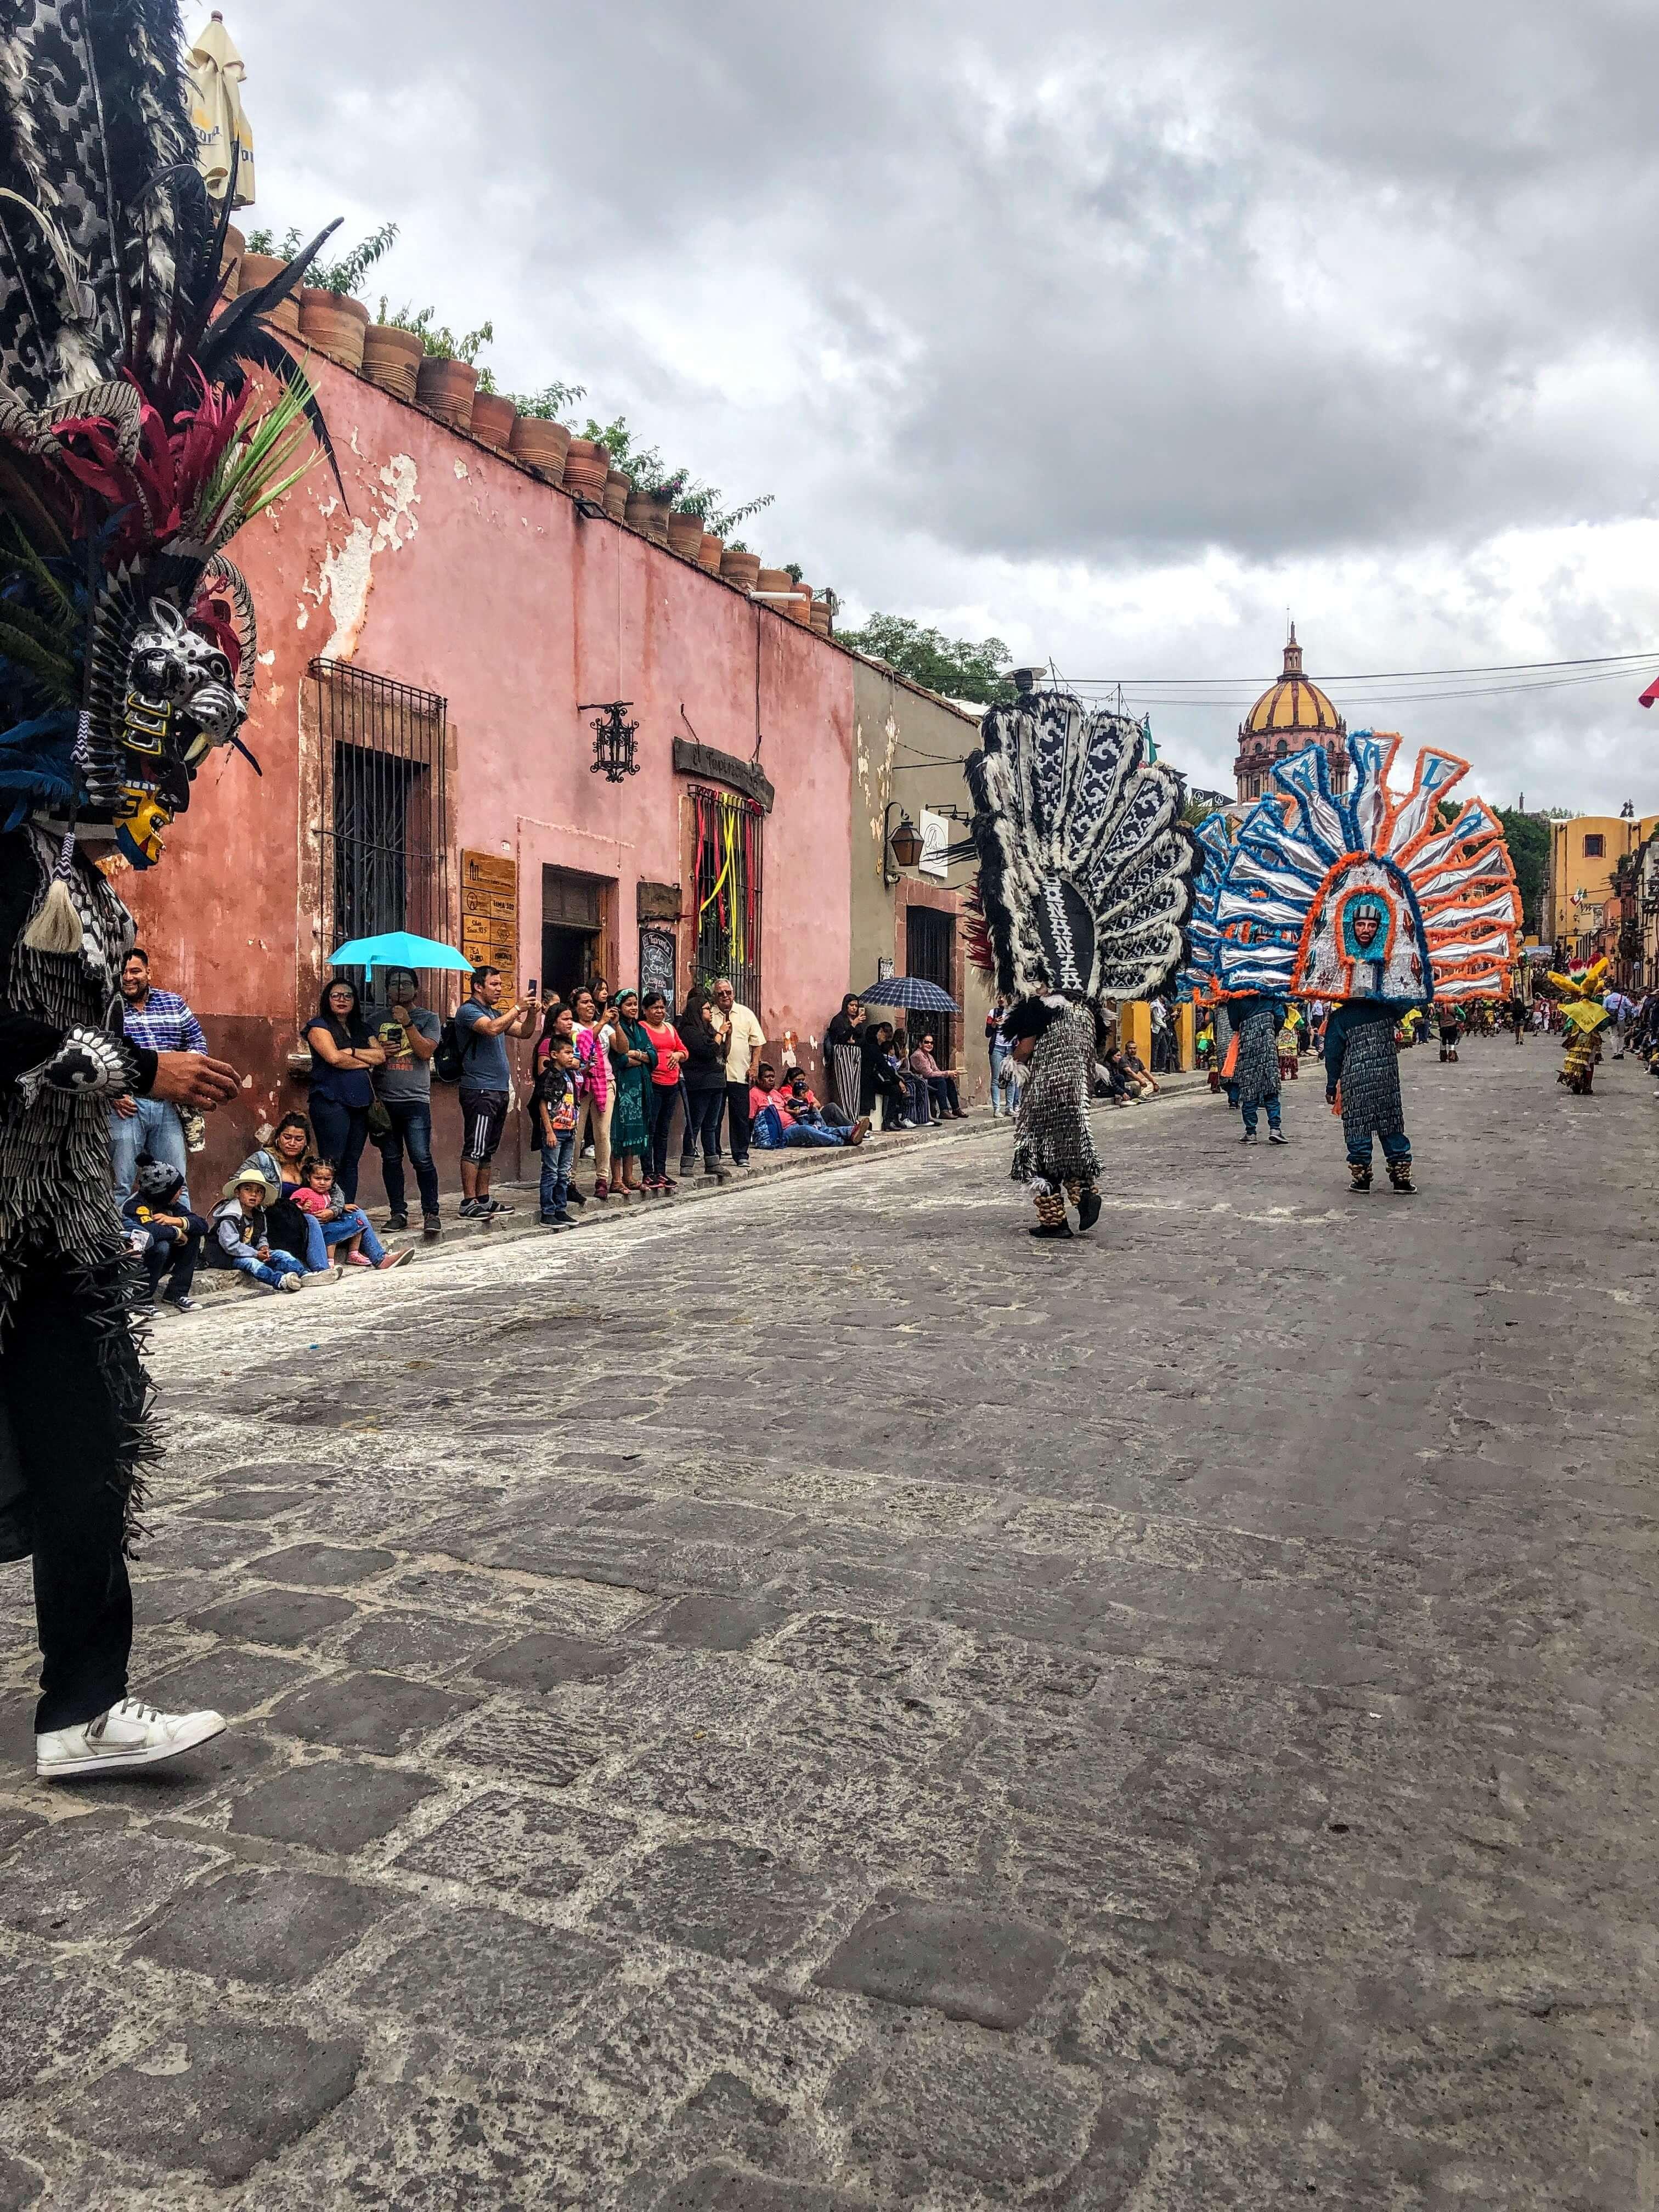 parade in San Miguel de Allende